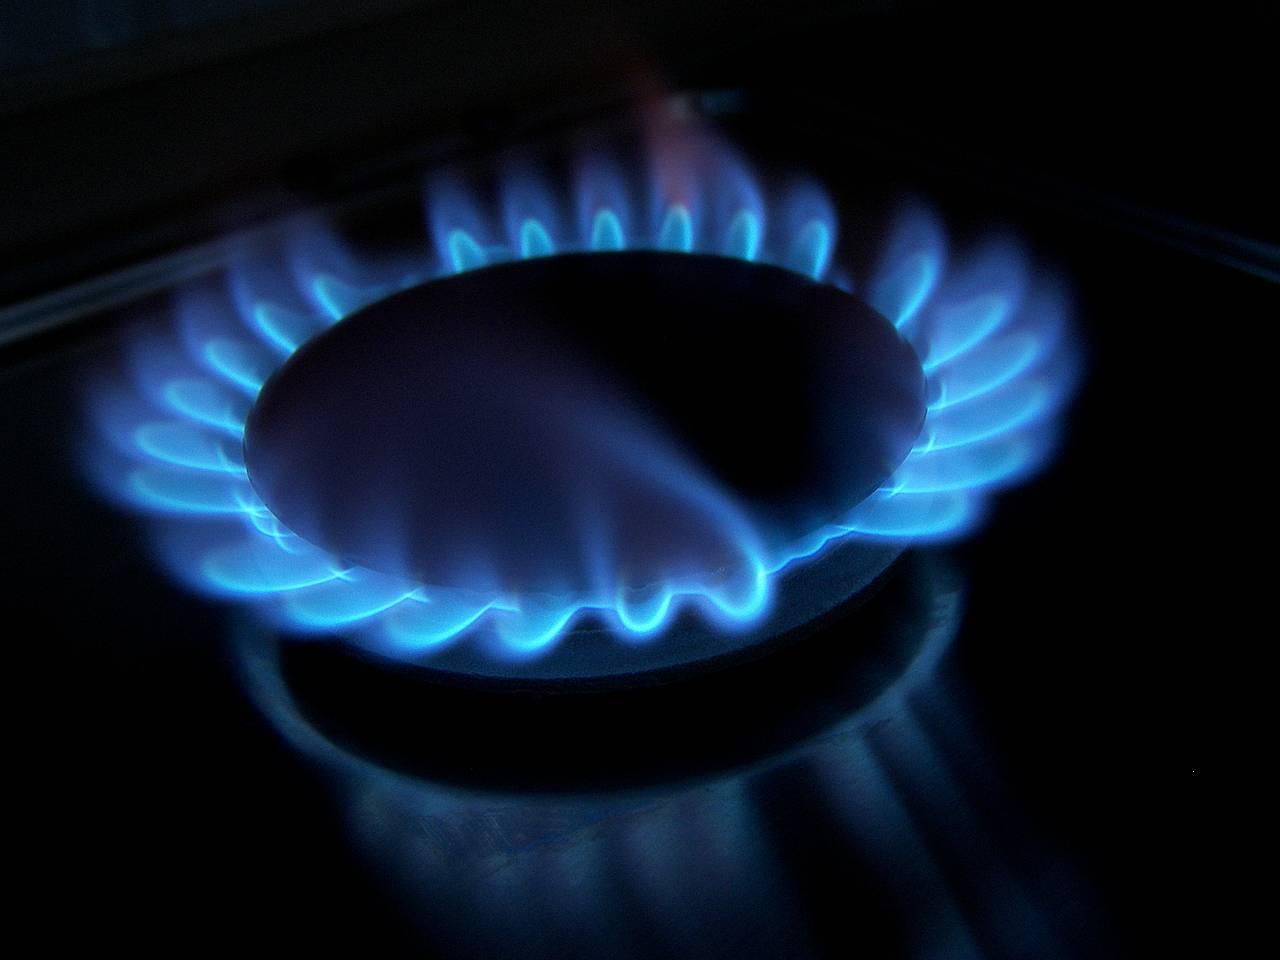 Влияние газовой плиты на развитие онкологии